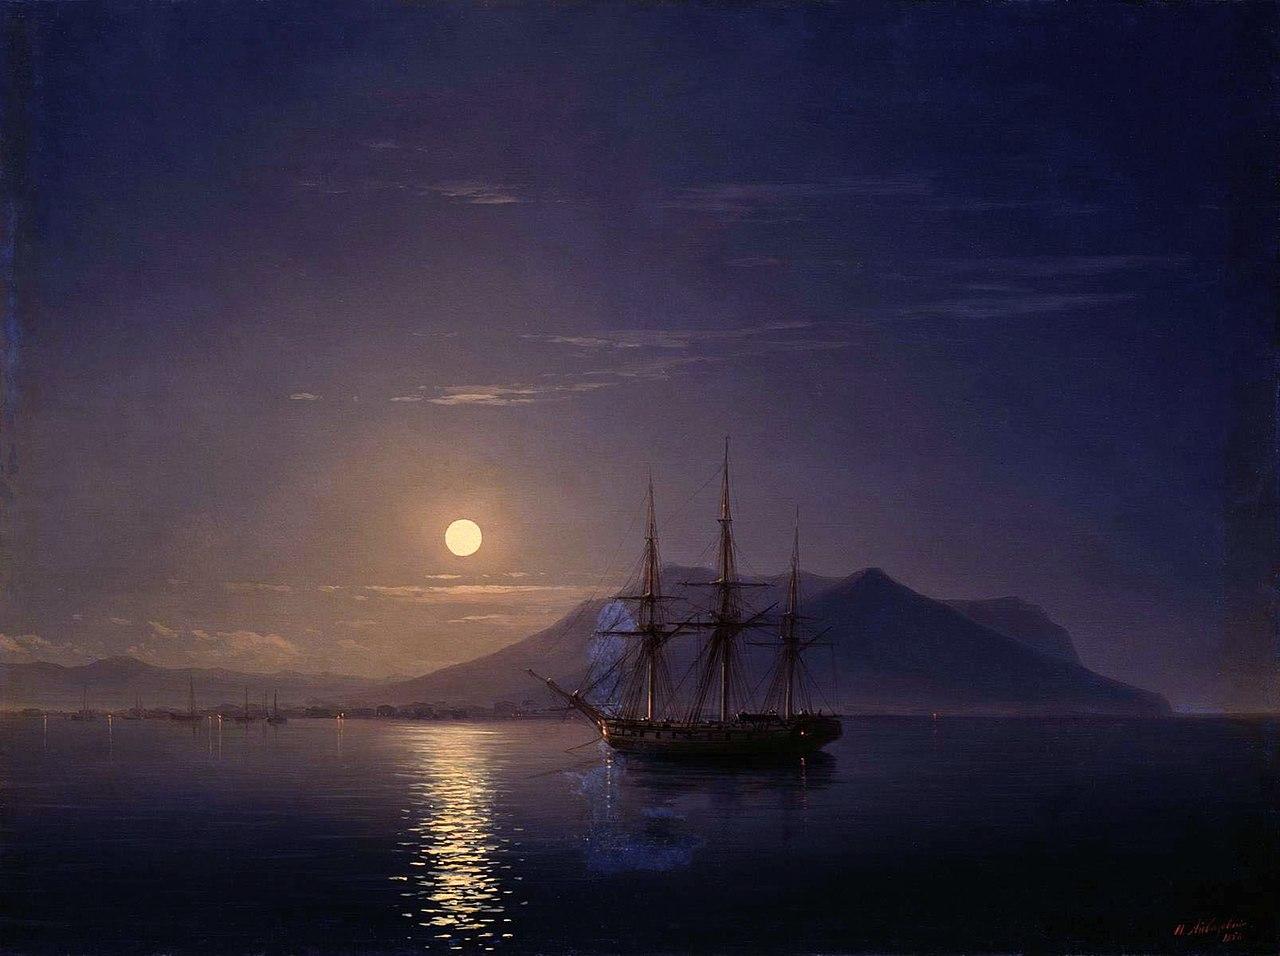 Файл:Парусник у берегов Крыма в лунную ночь Айвазовского.jpg — Википедия